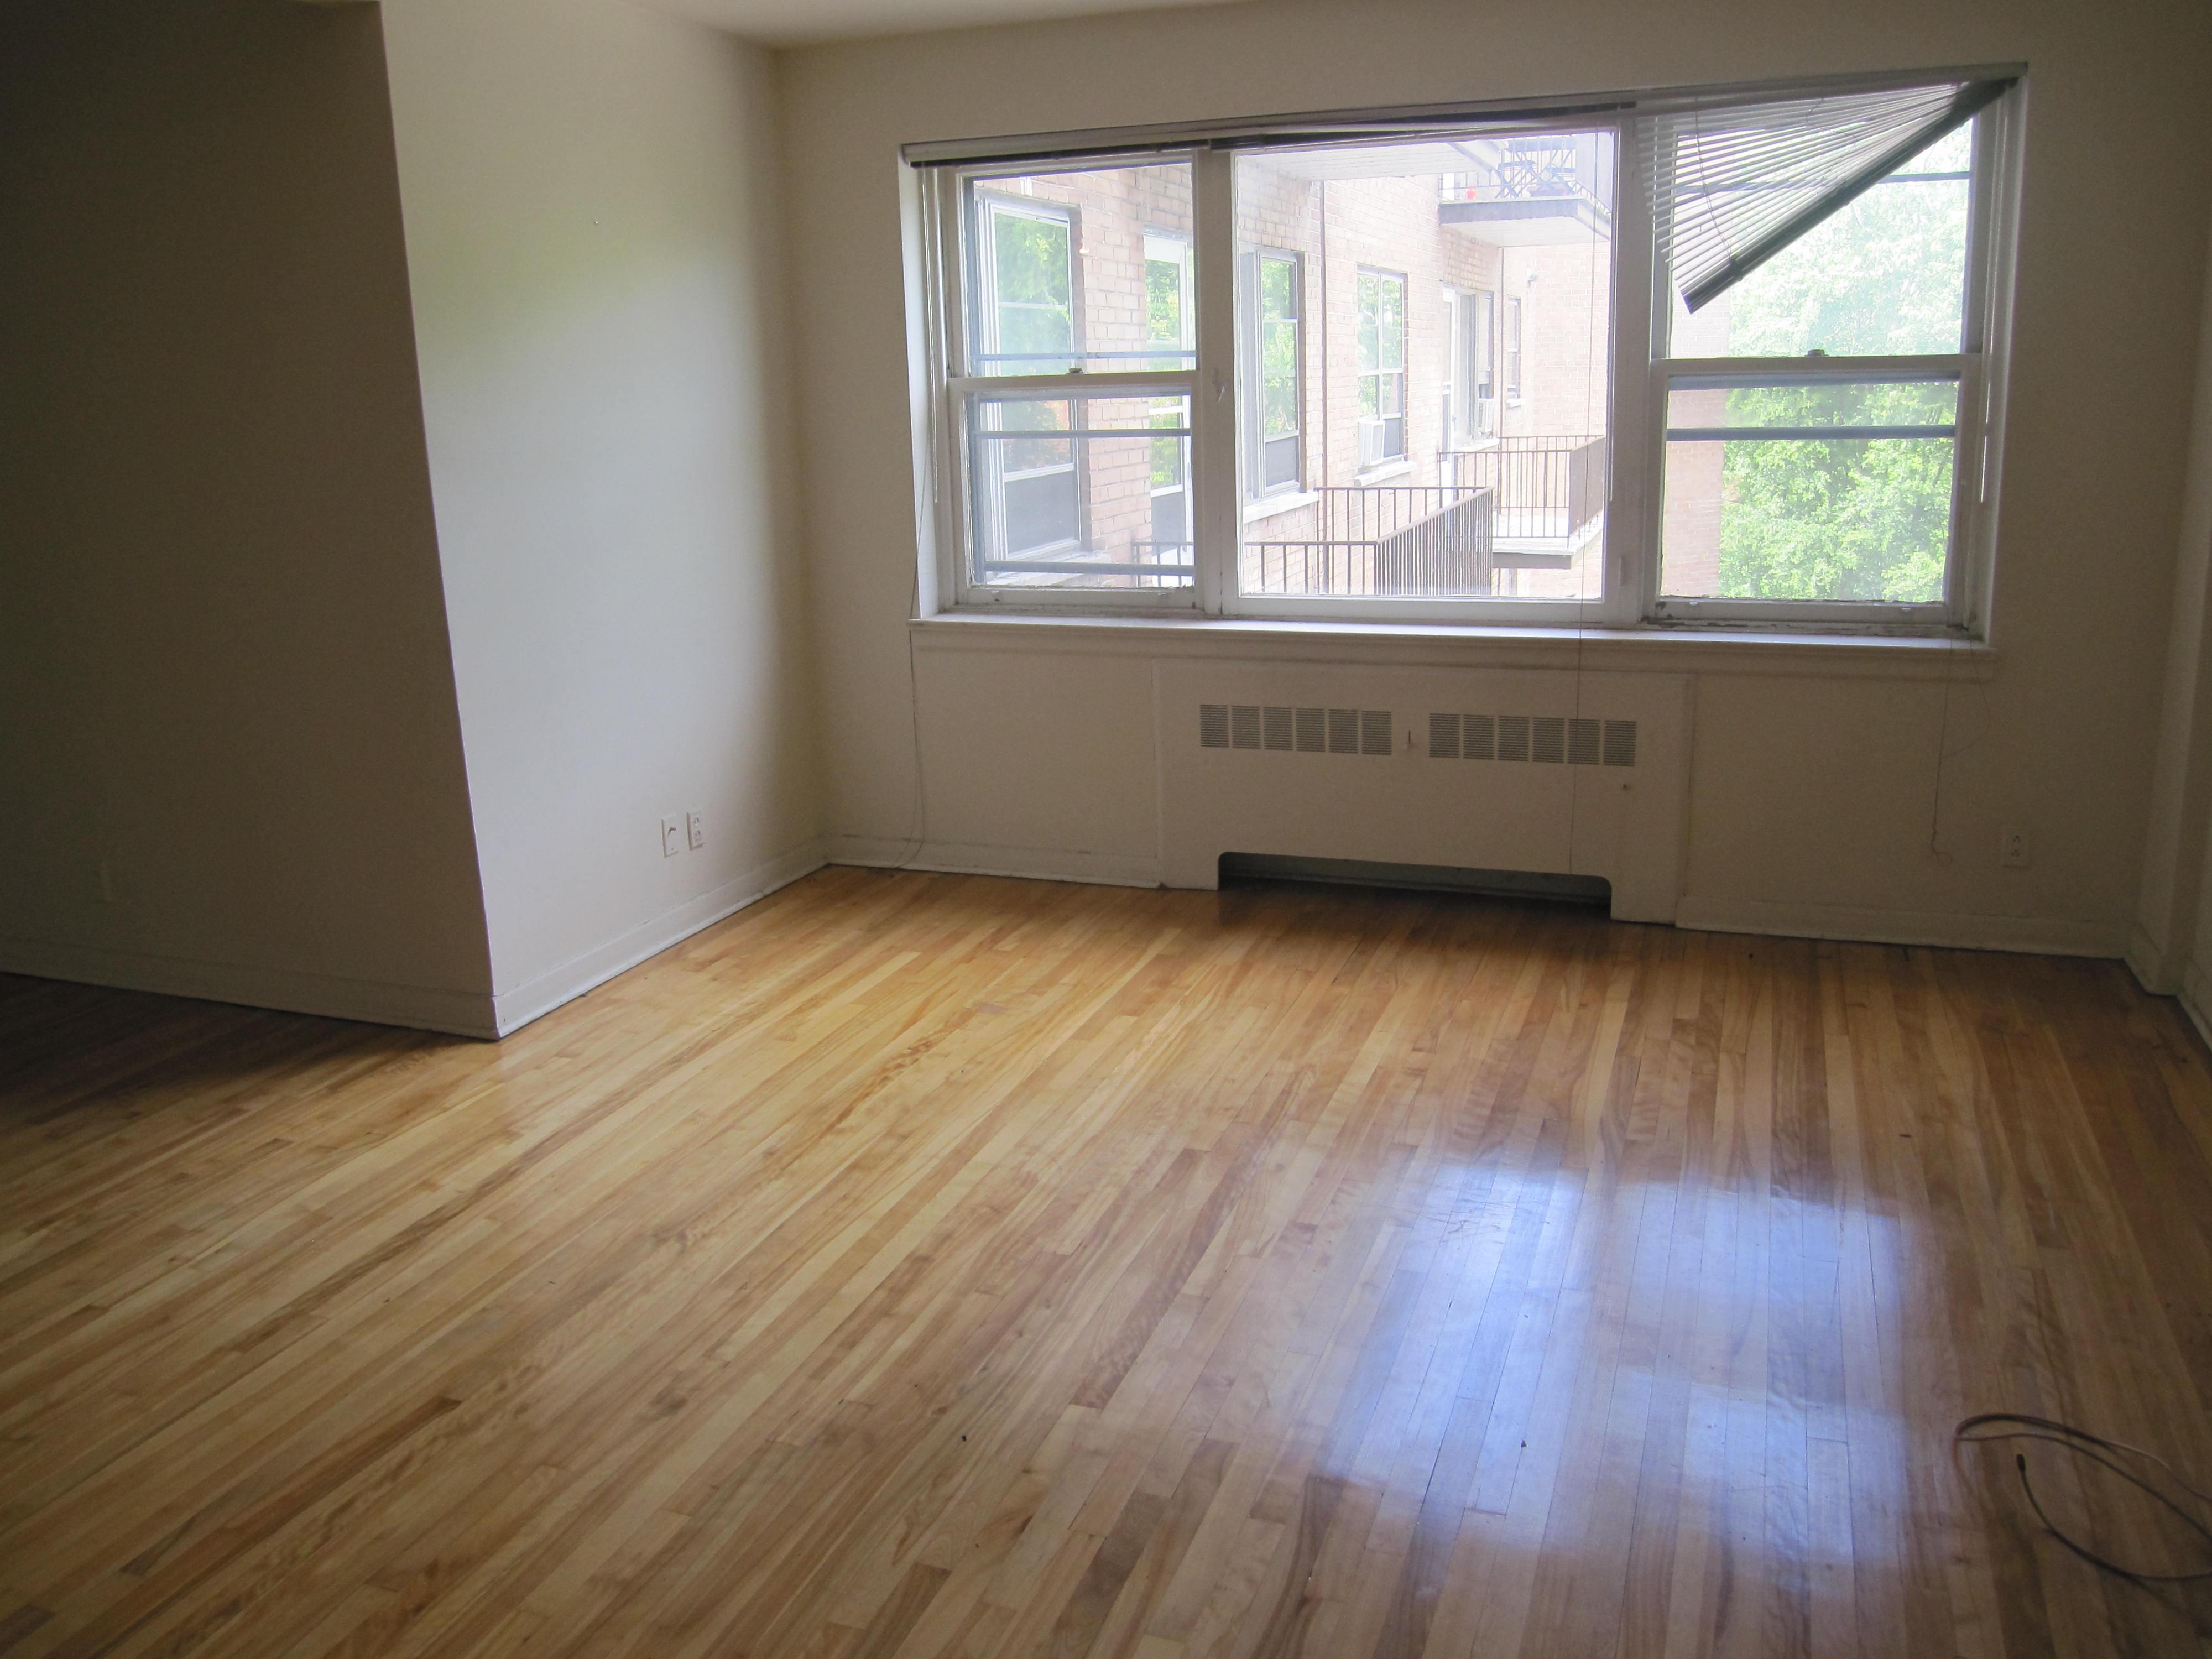 Appartement 1 Chambre a louer à Notre-Dame-de-Grâce a 4635 Clanranald - Photo 02 - TrouveUnAppart – L20675